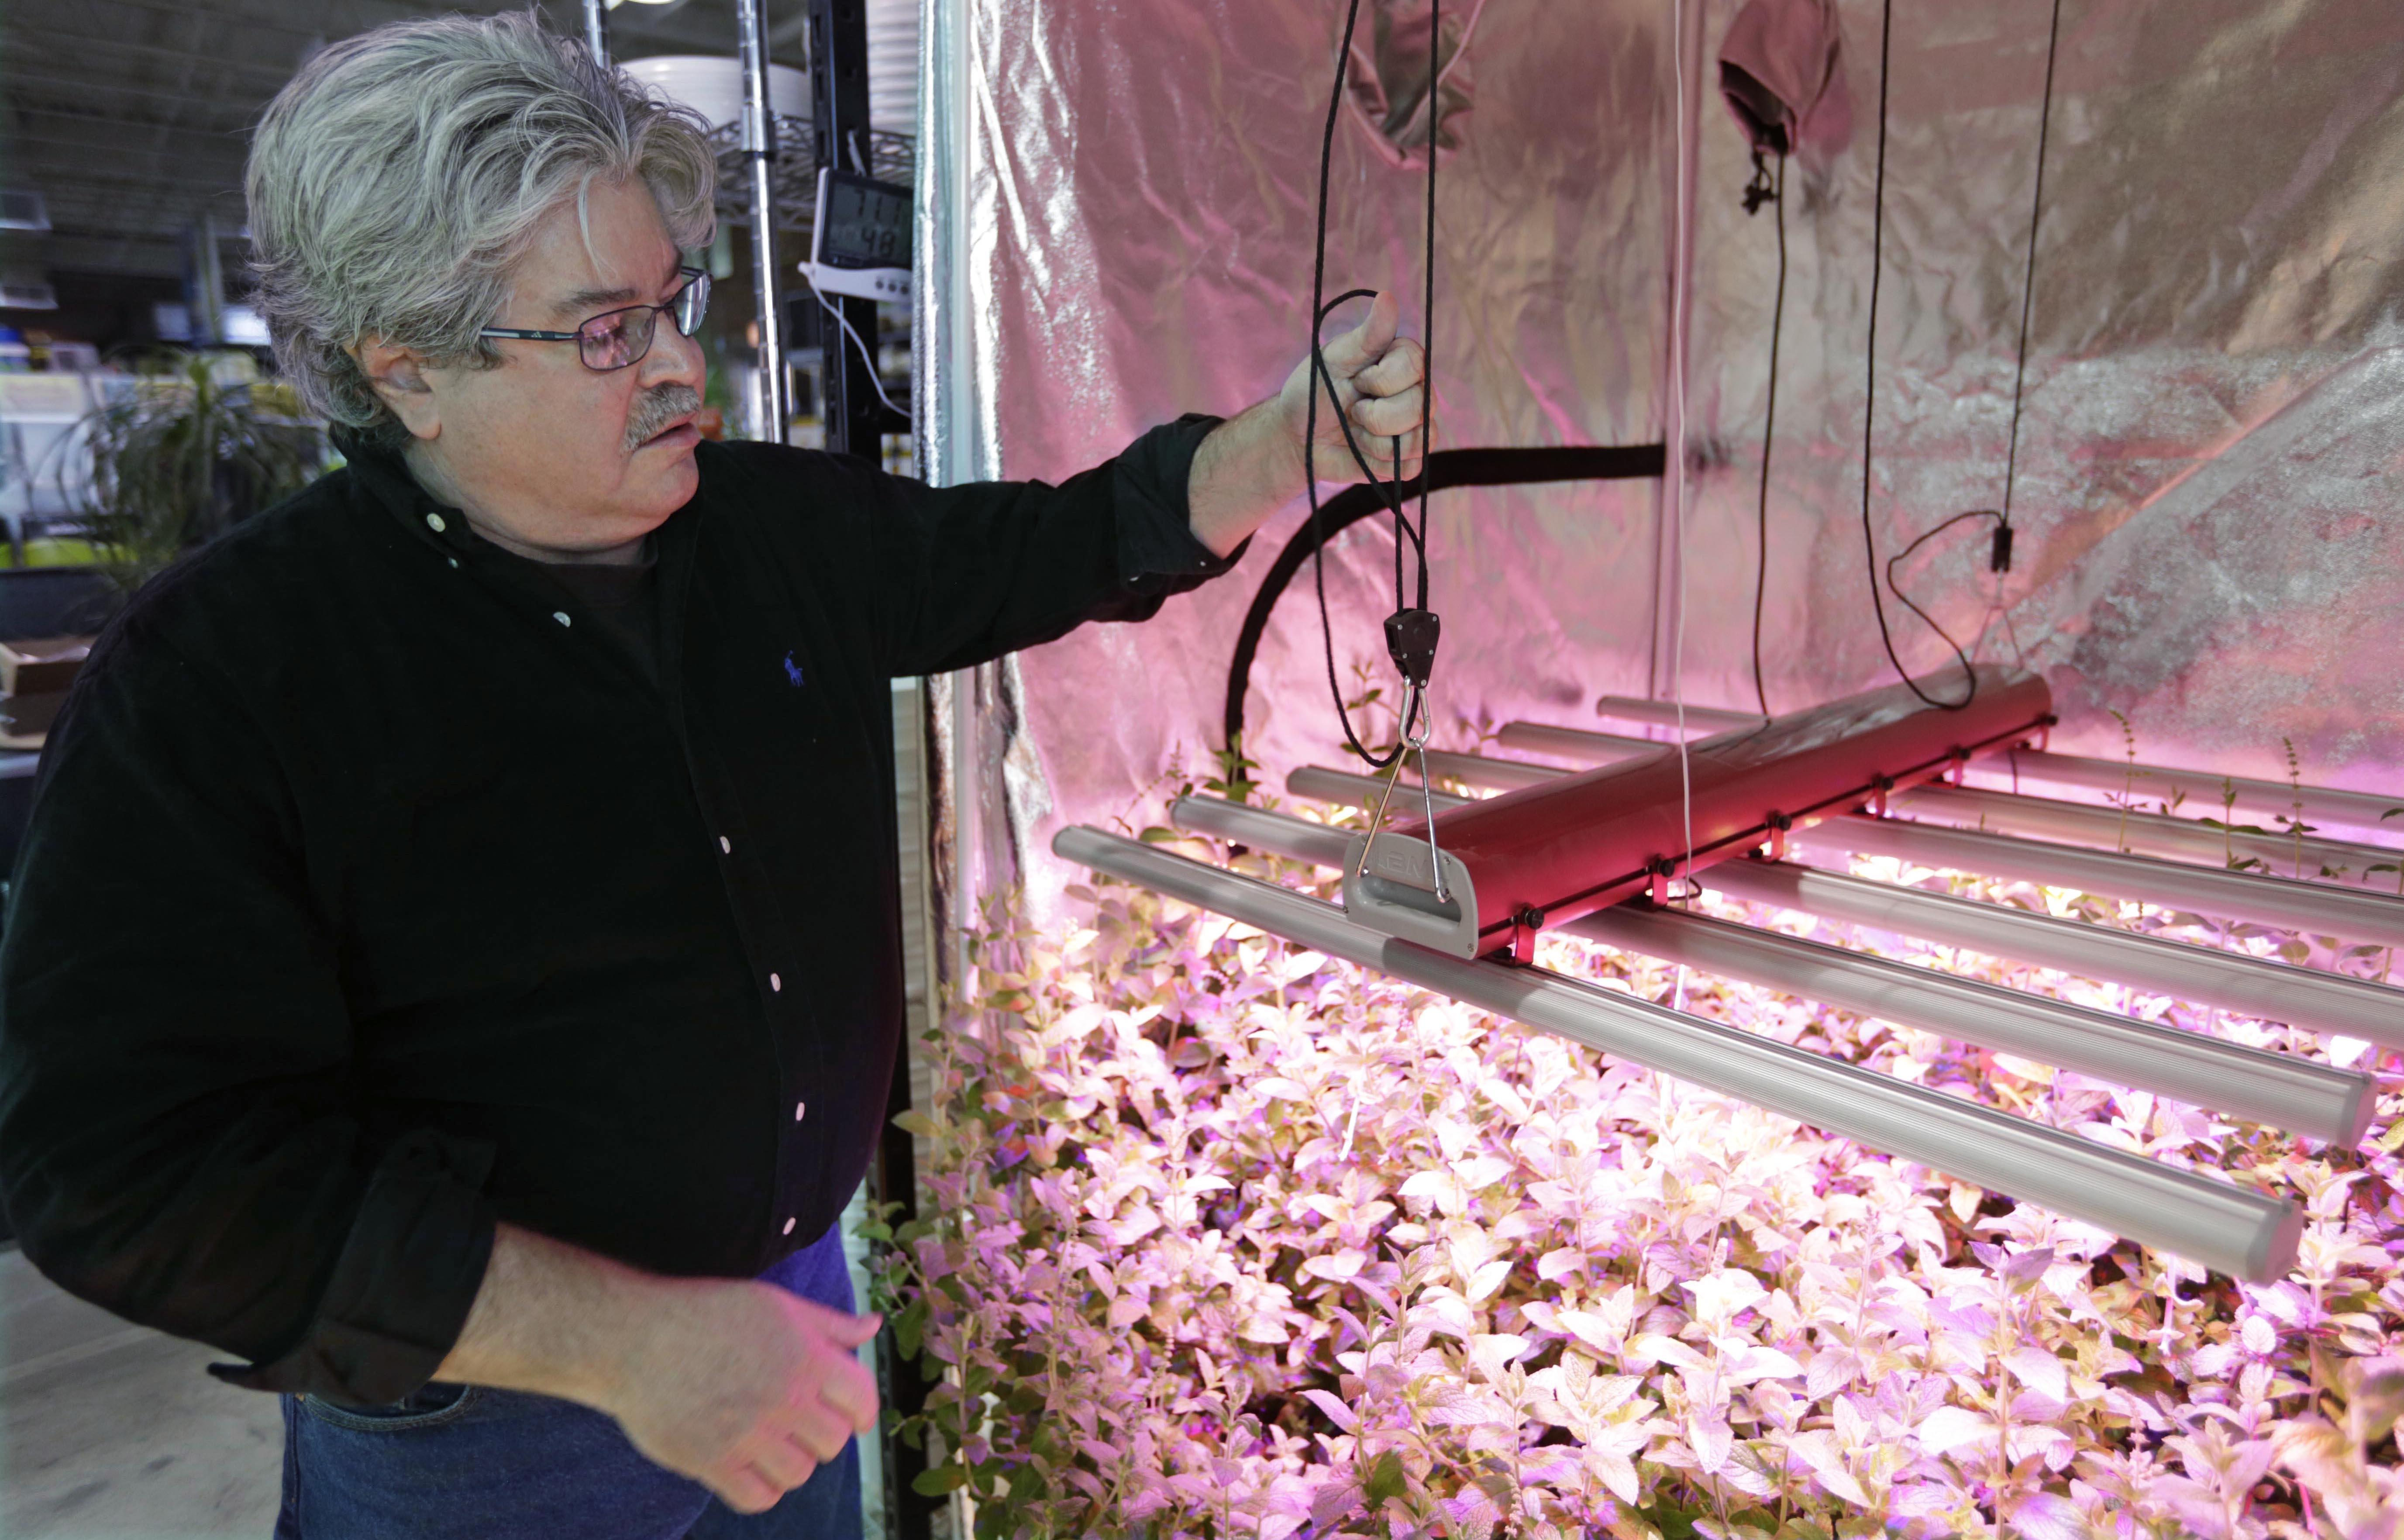 Photo: Indoor grower (AP Photo)